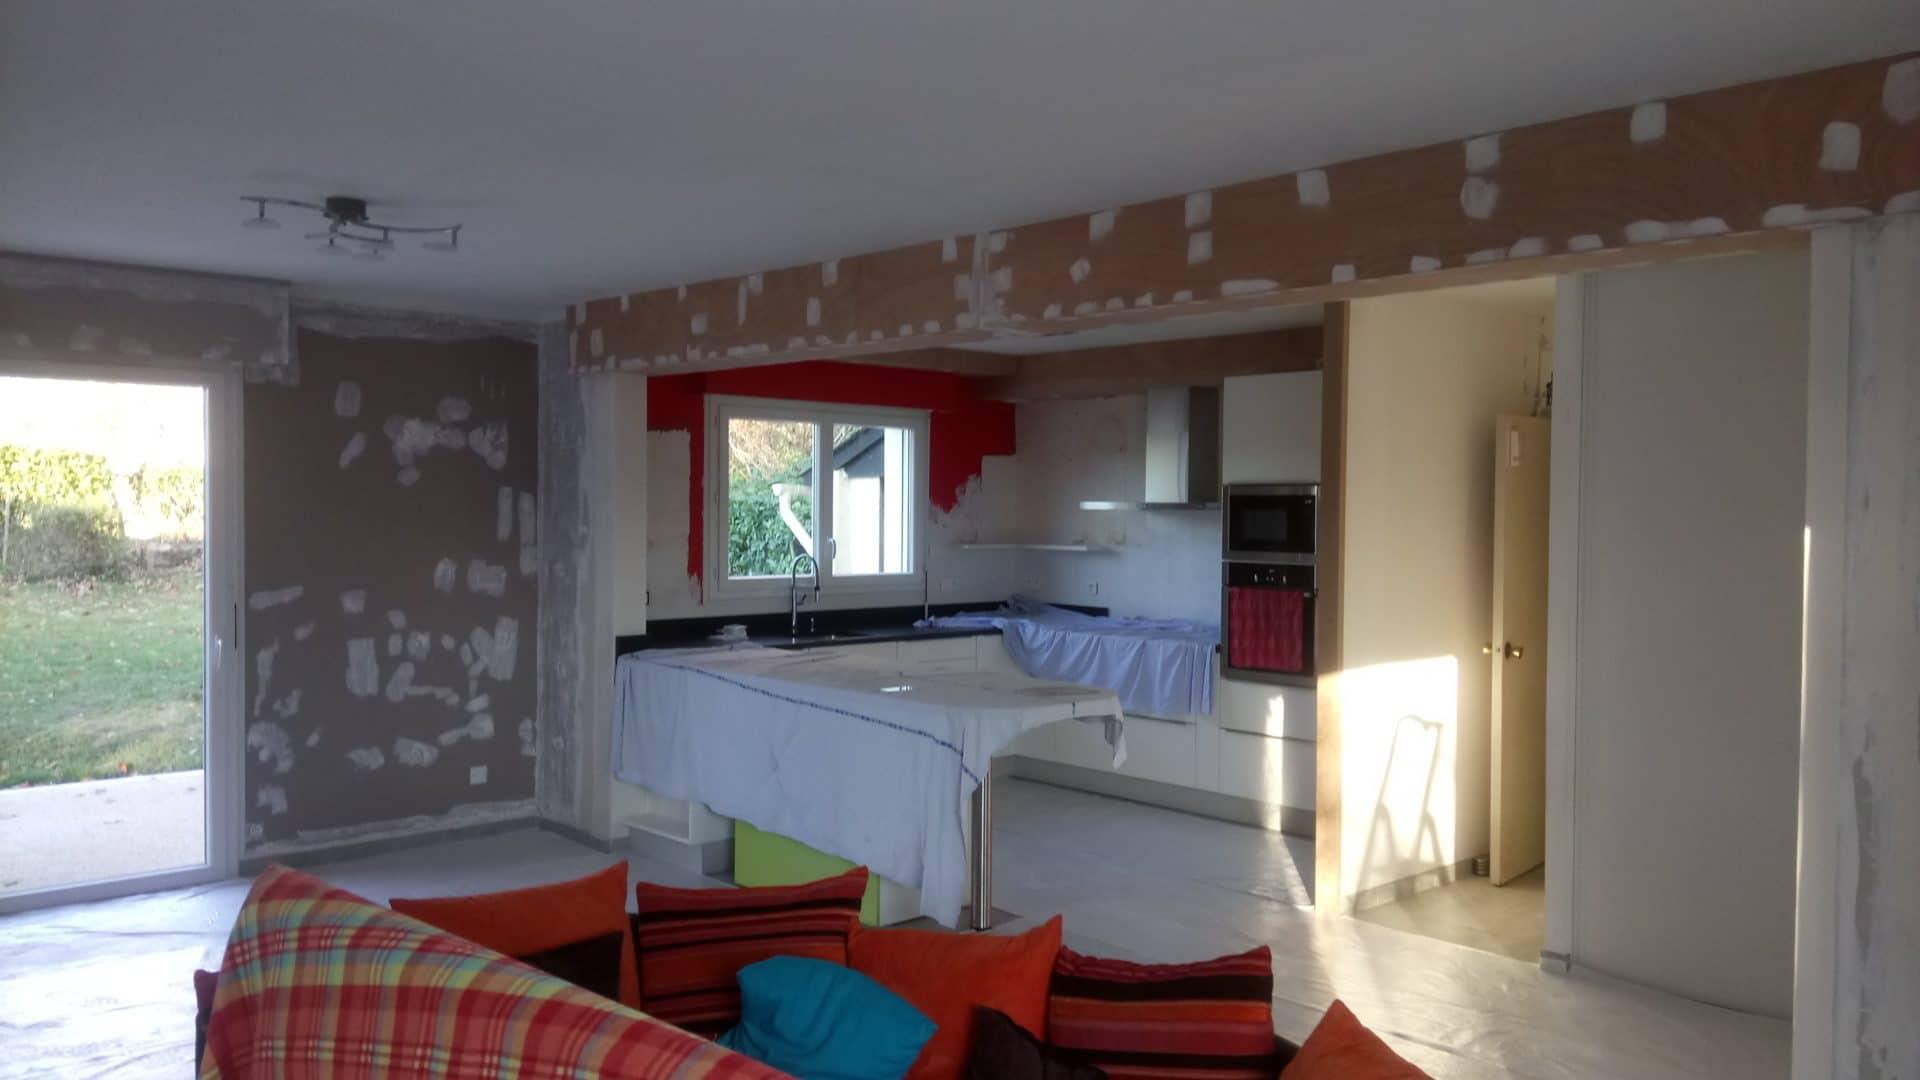 Plomelin salle salon cuisine decoration peinture 3 - Peinture décoration